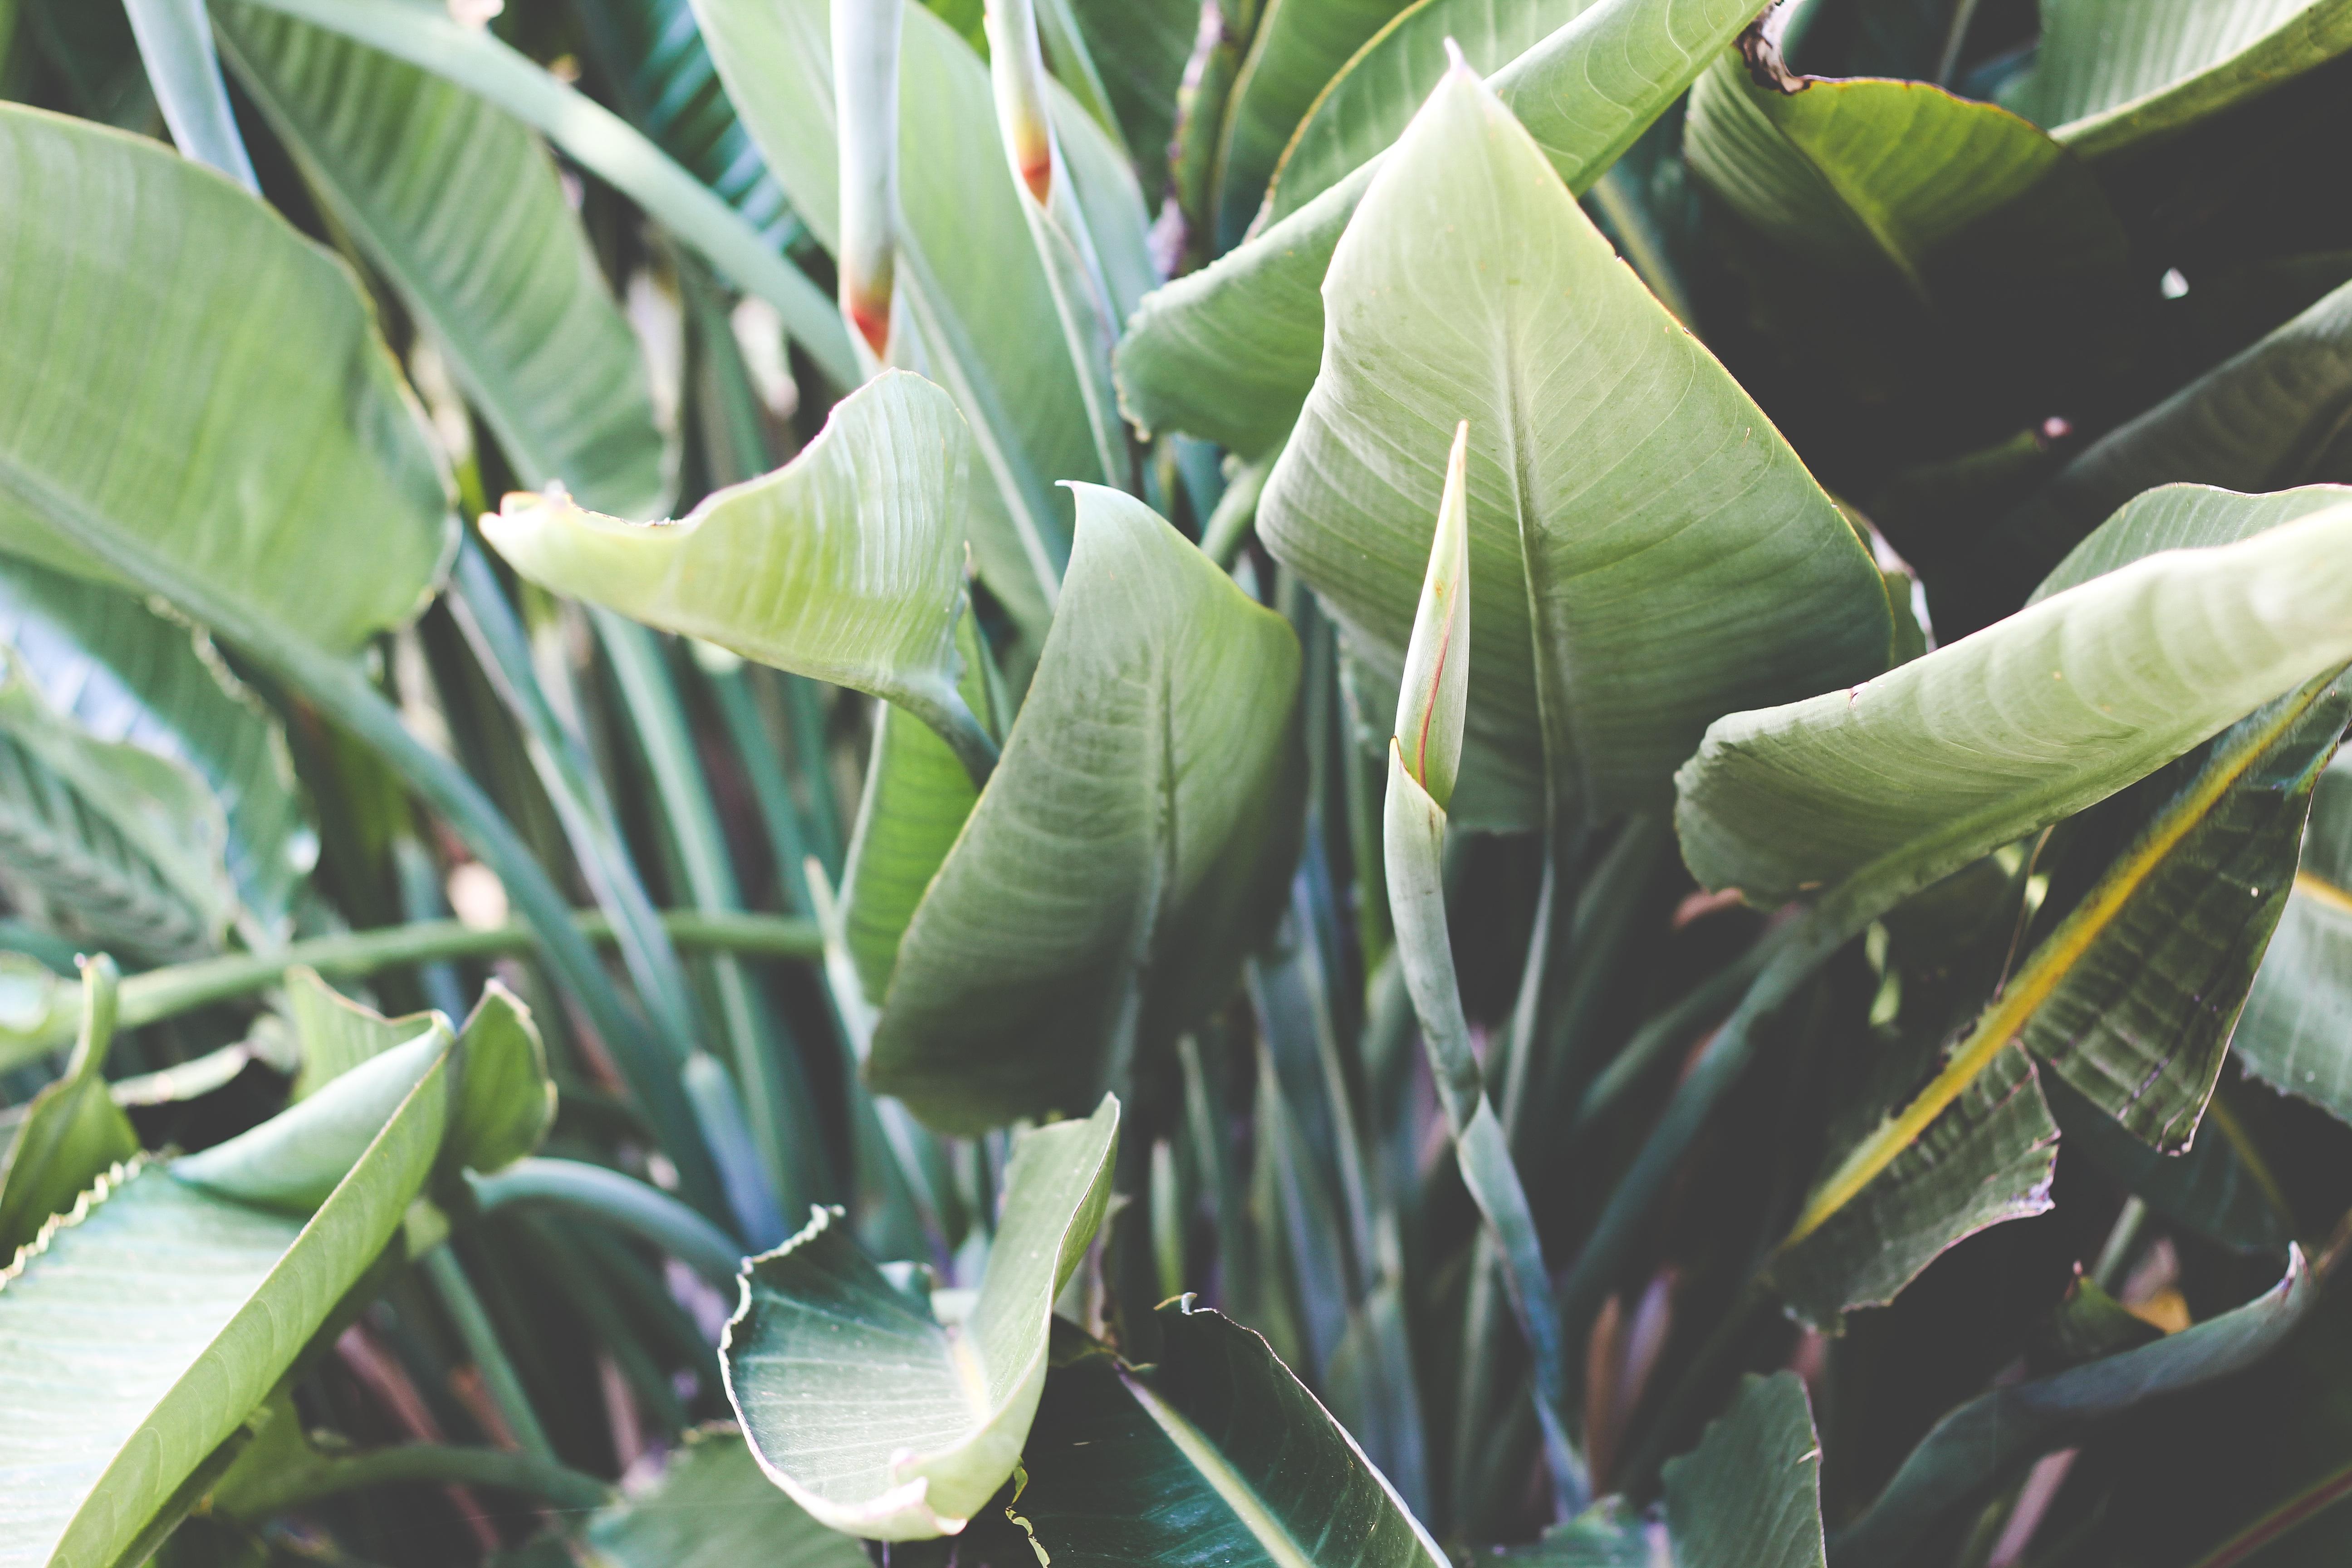 images gratuites : arbre, feuille, fleur, aliments, vert, produire